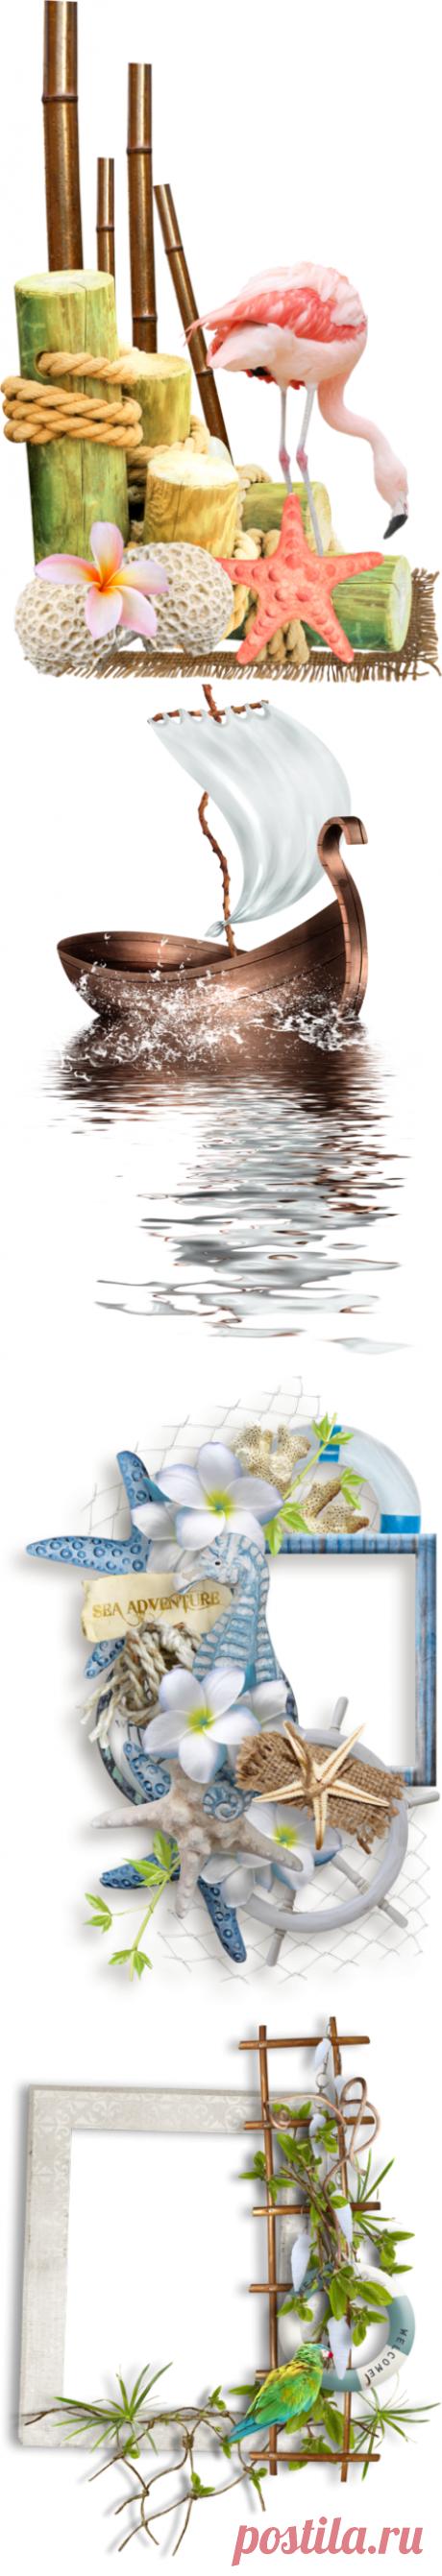 Клипарт - морская тема...